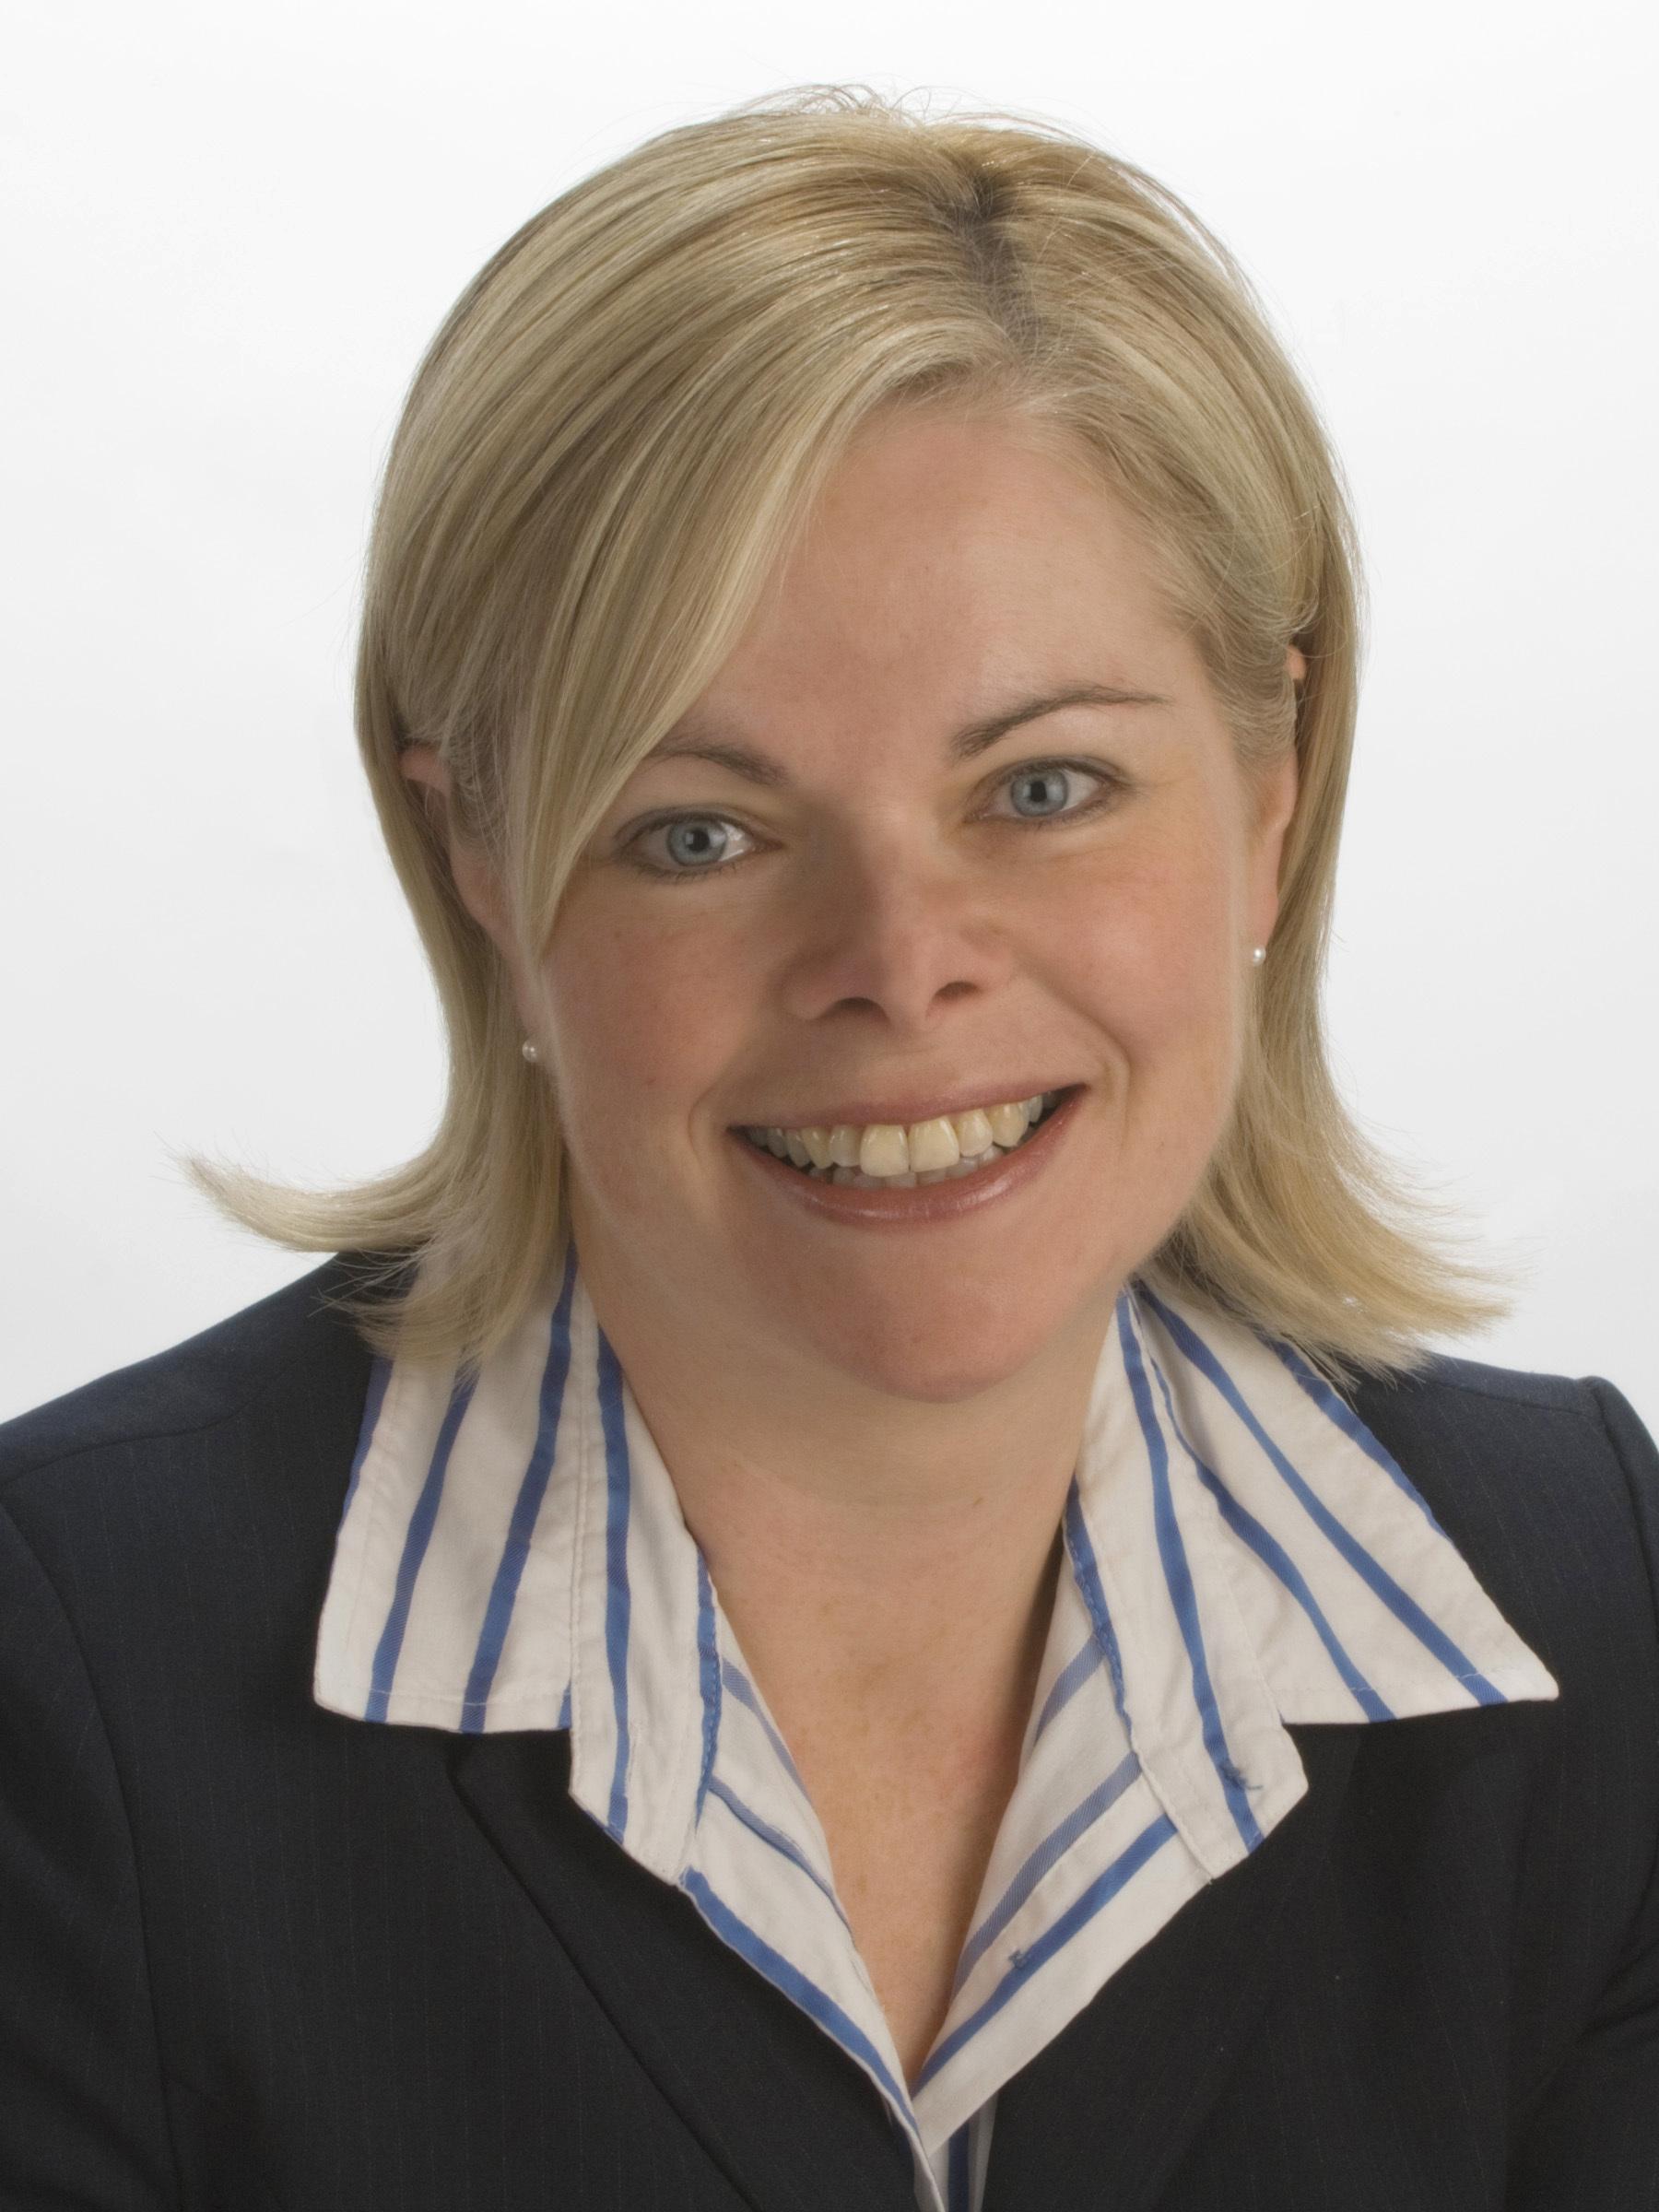 Fiona O'Farrell